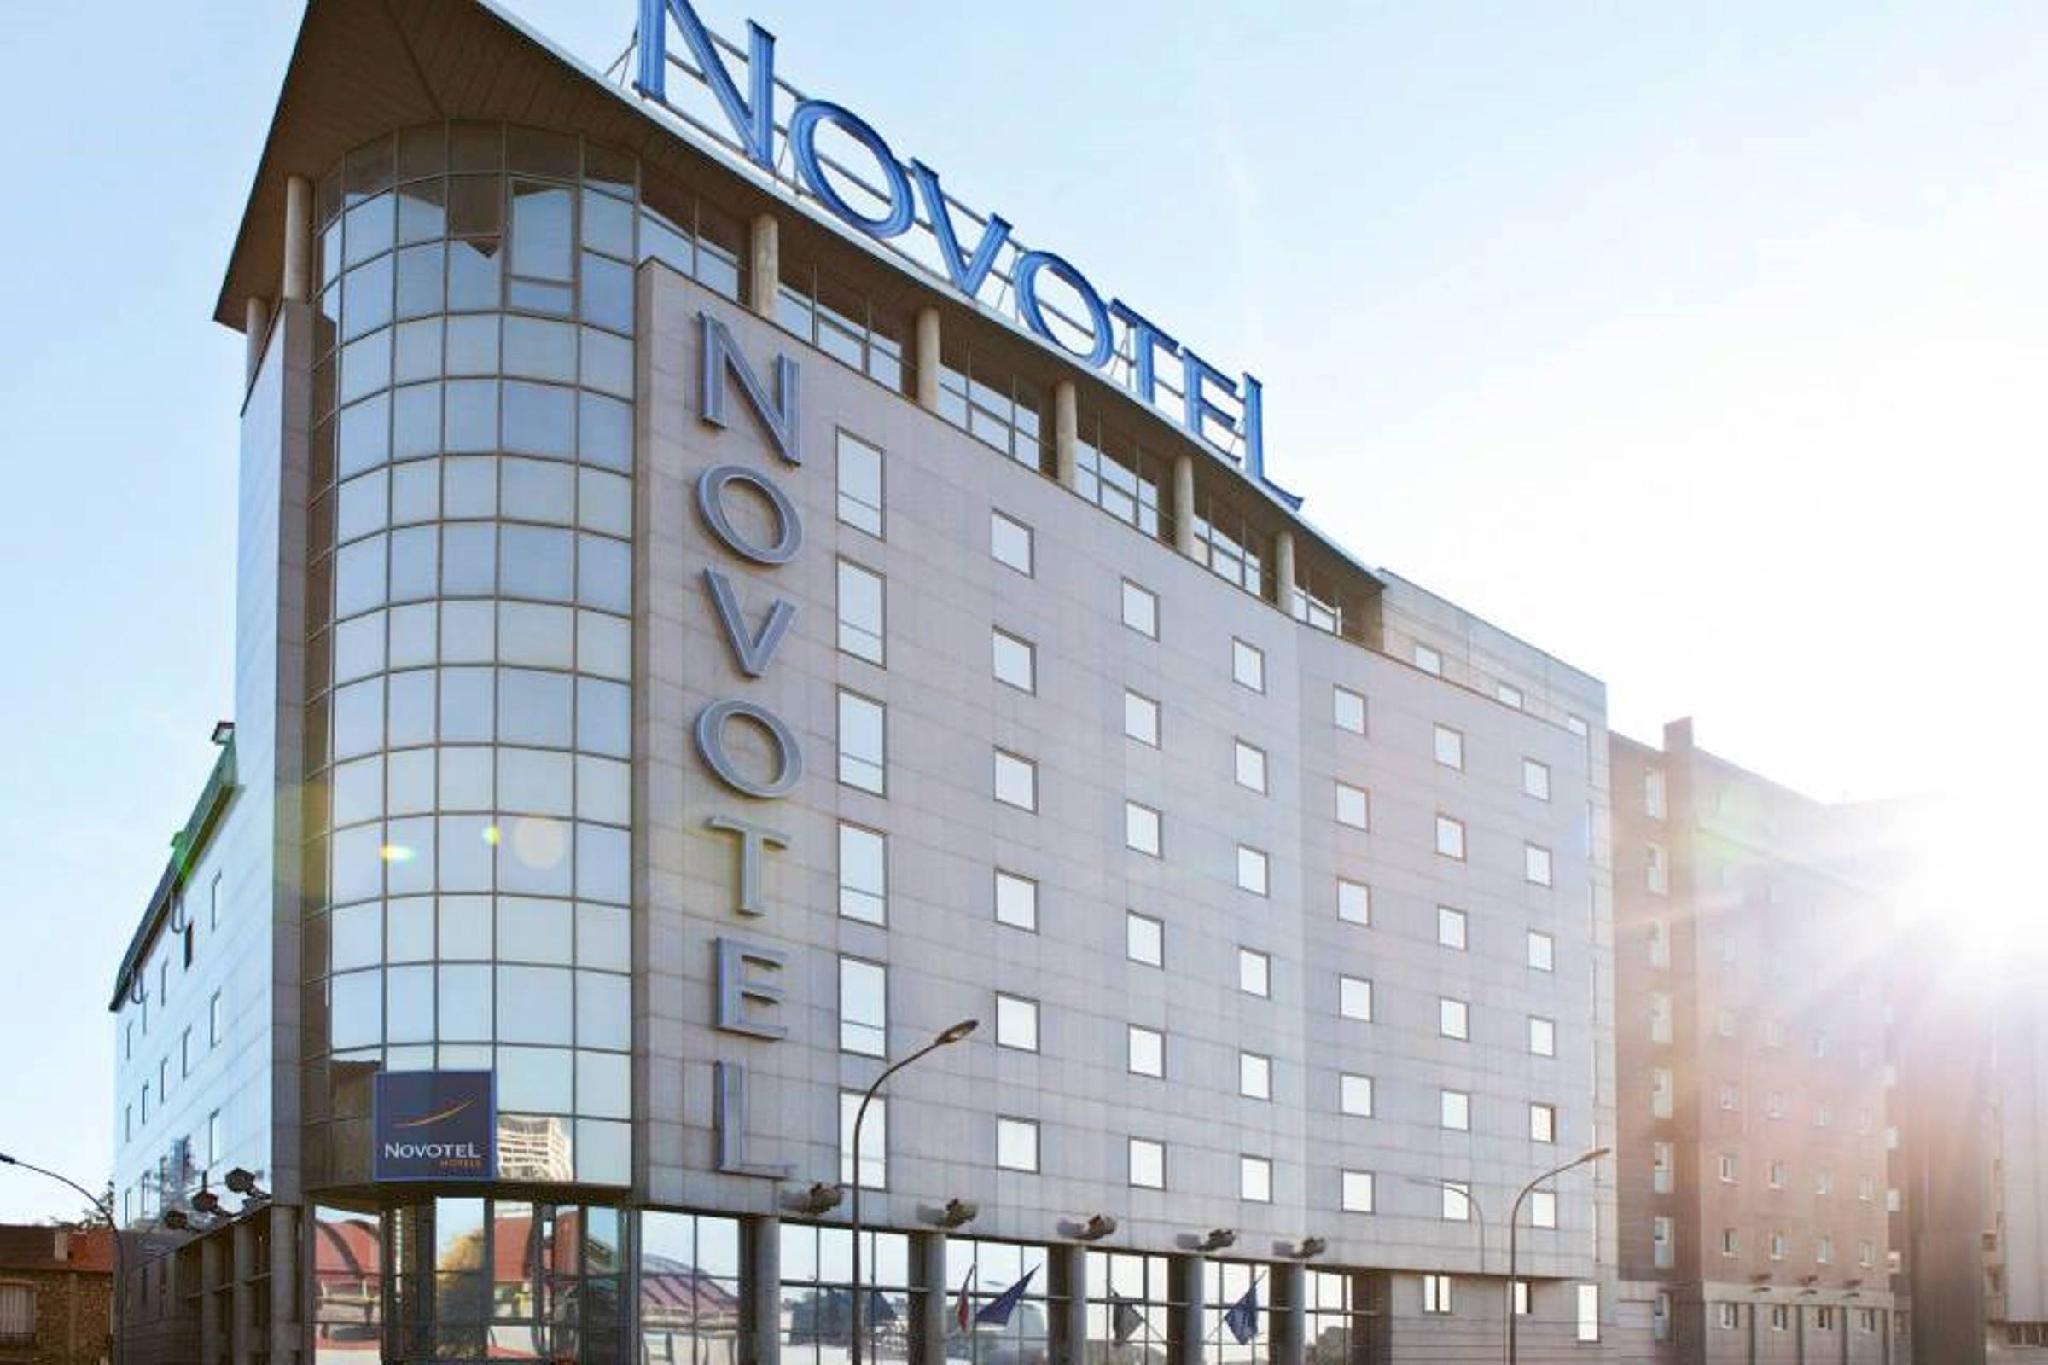 Novotel Paris 13 Porte D Italie Hotel